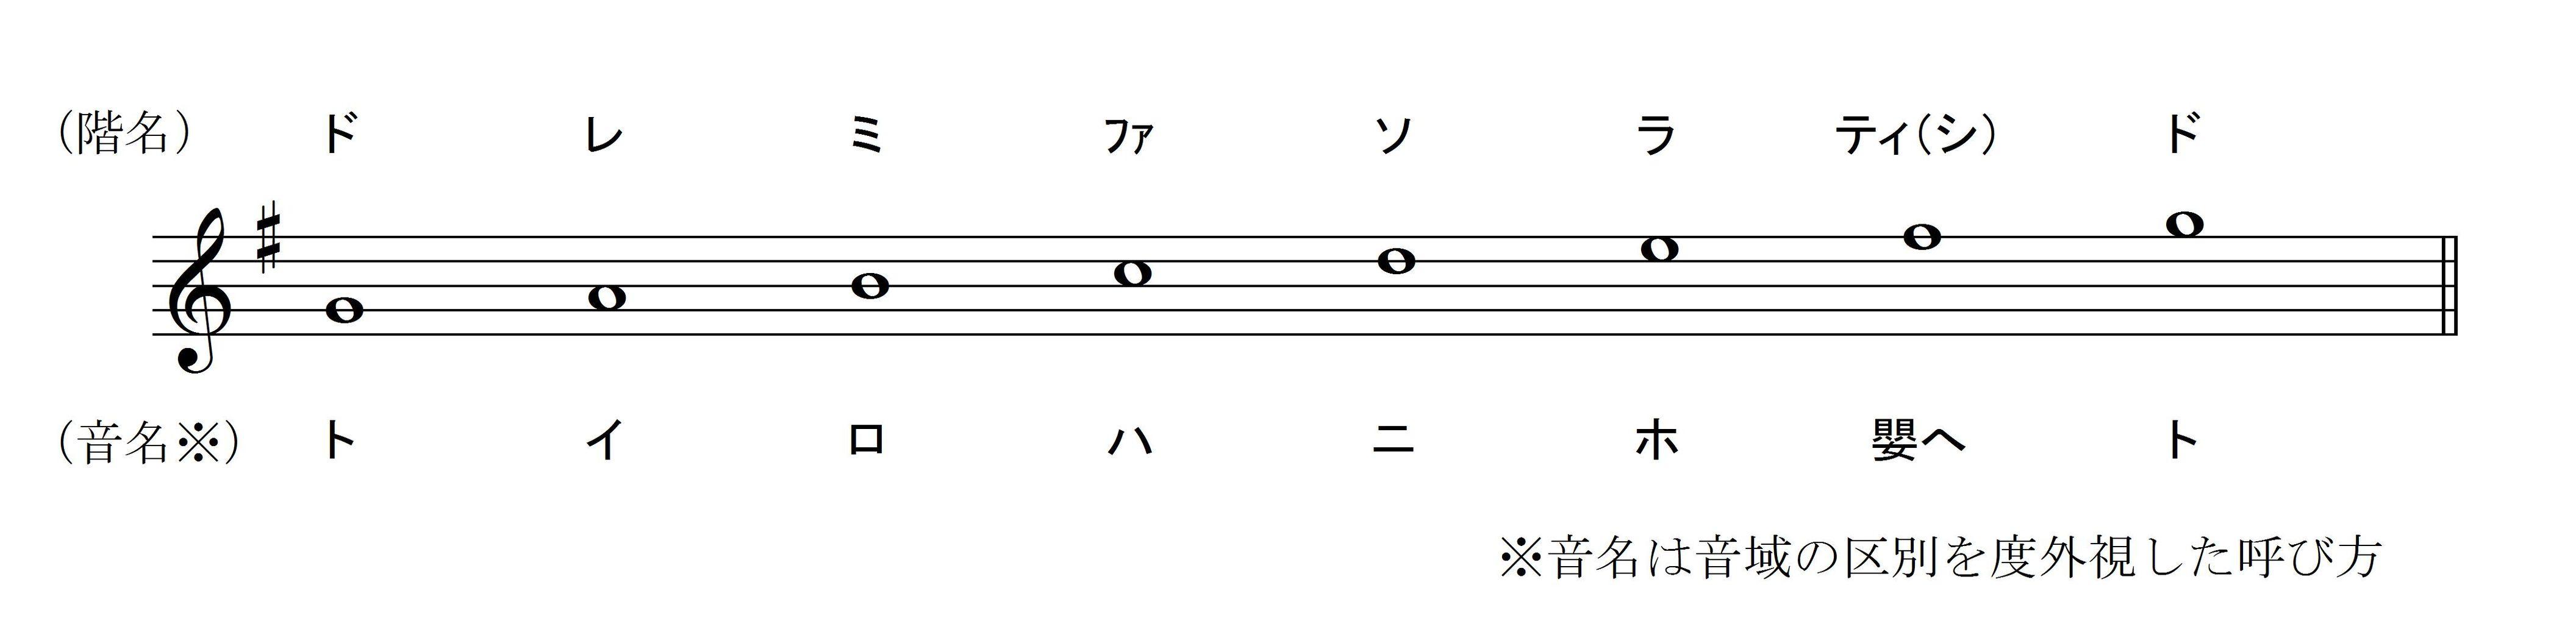 固定ド」音感者のための「移動ド...